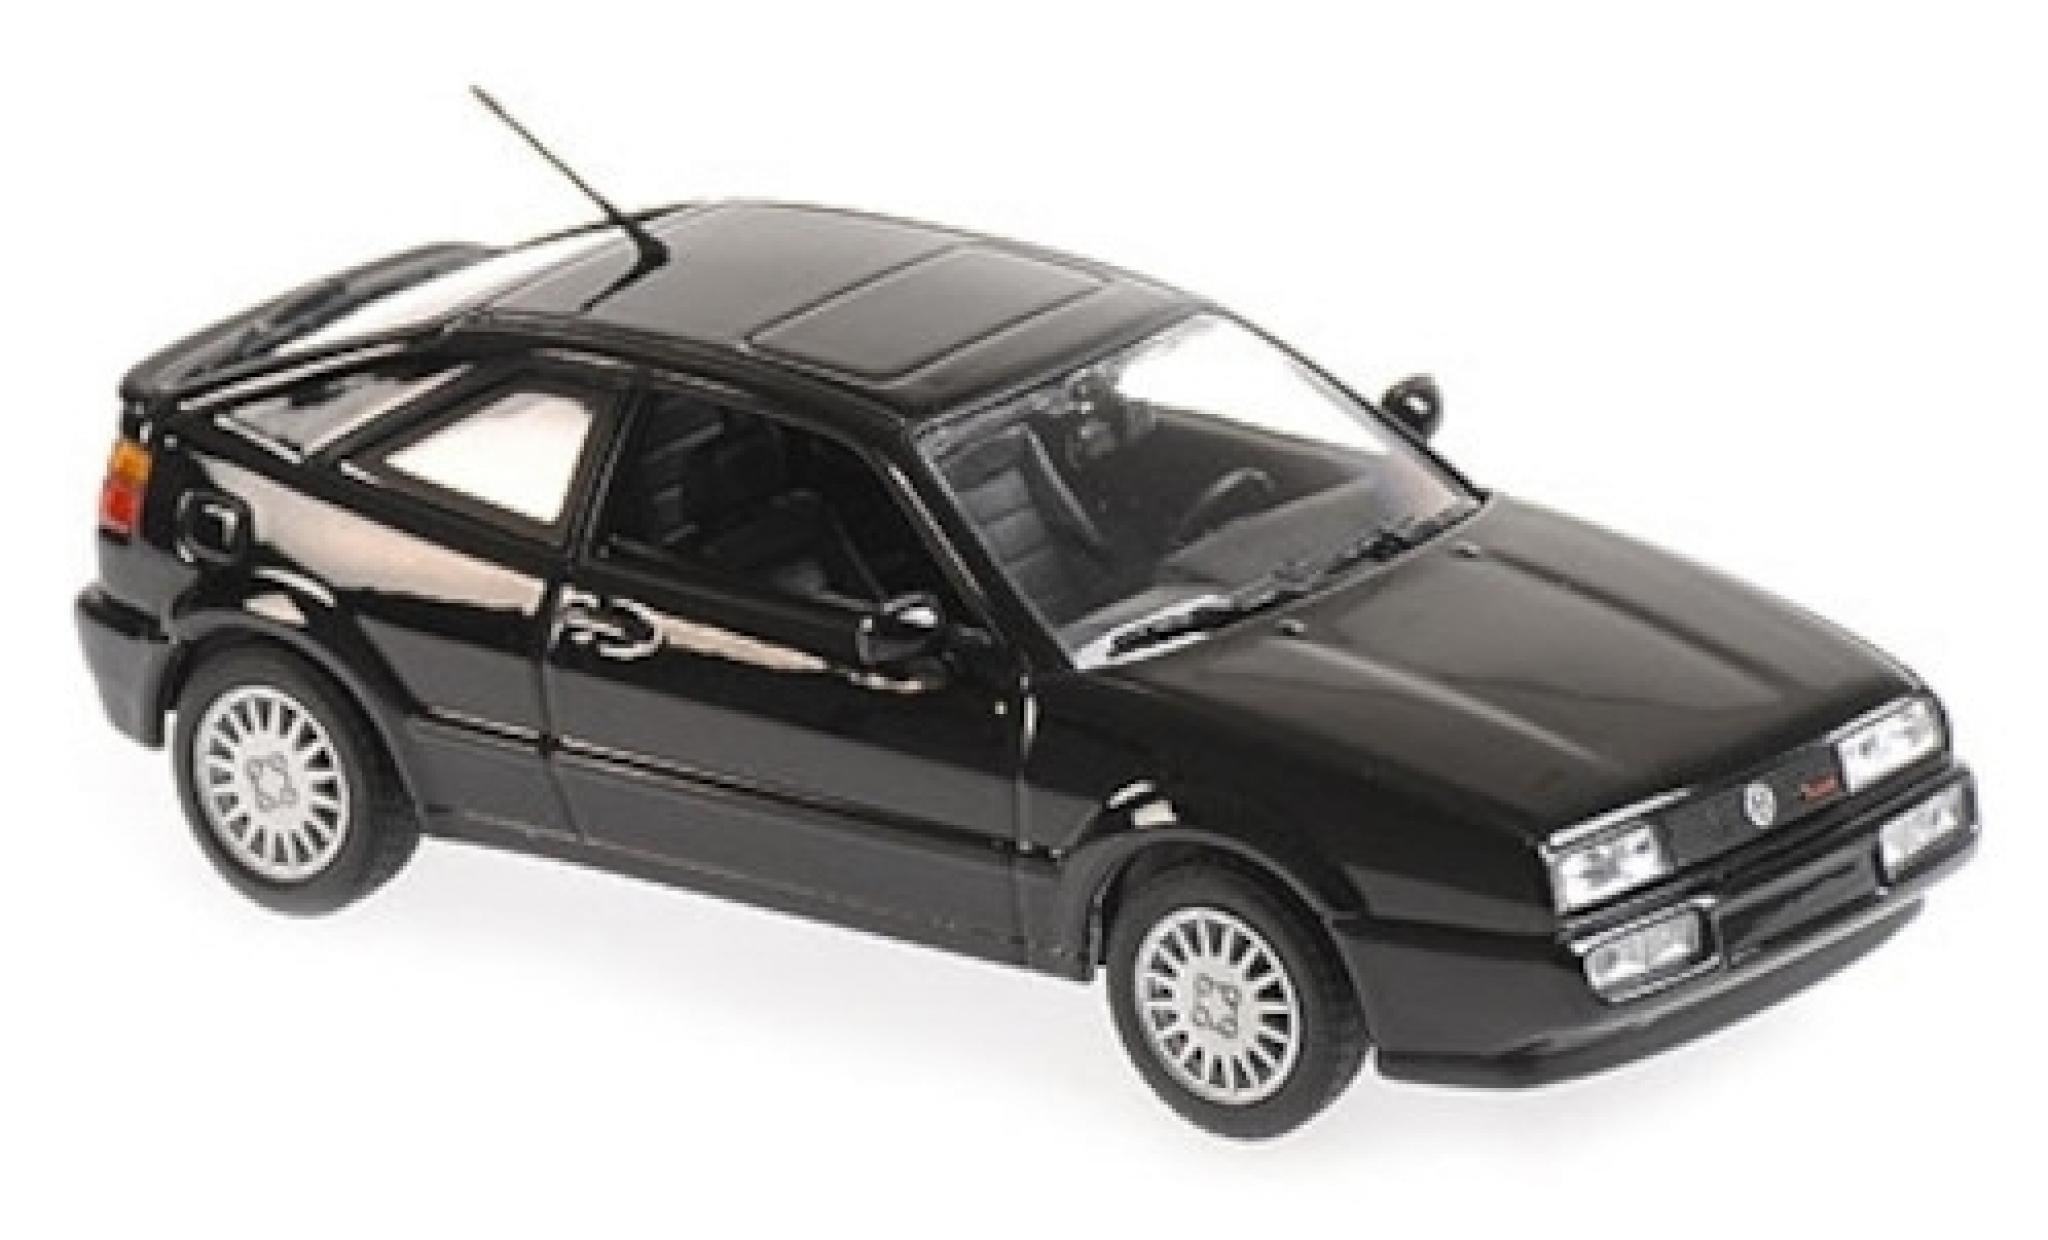 Volkswagen Corrado 1/43 Maxichamps G60 noire 1990